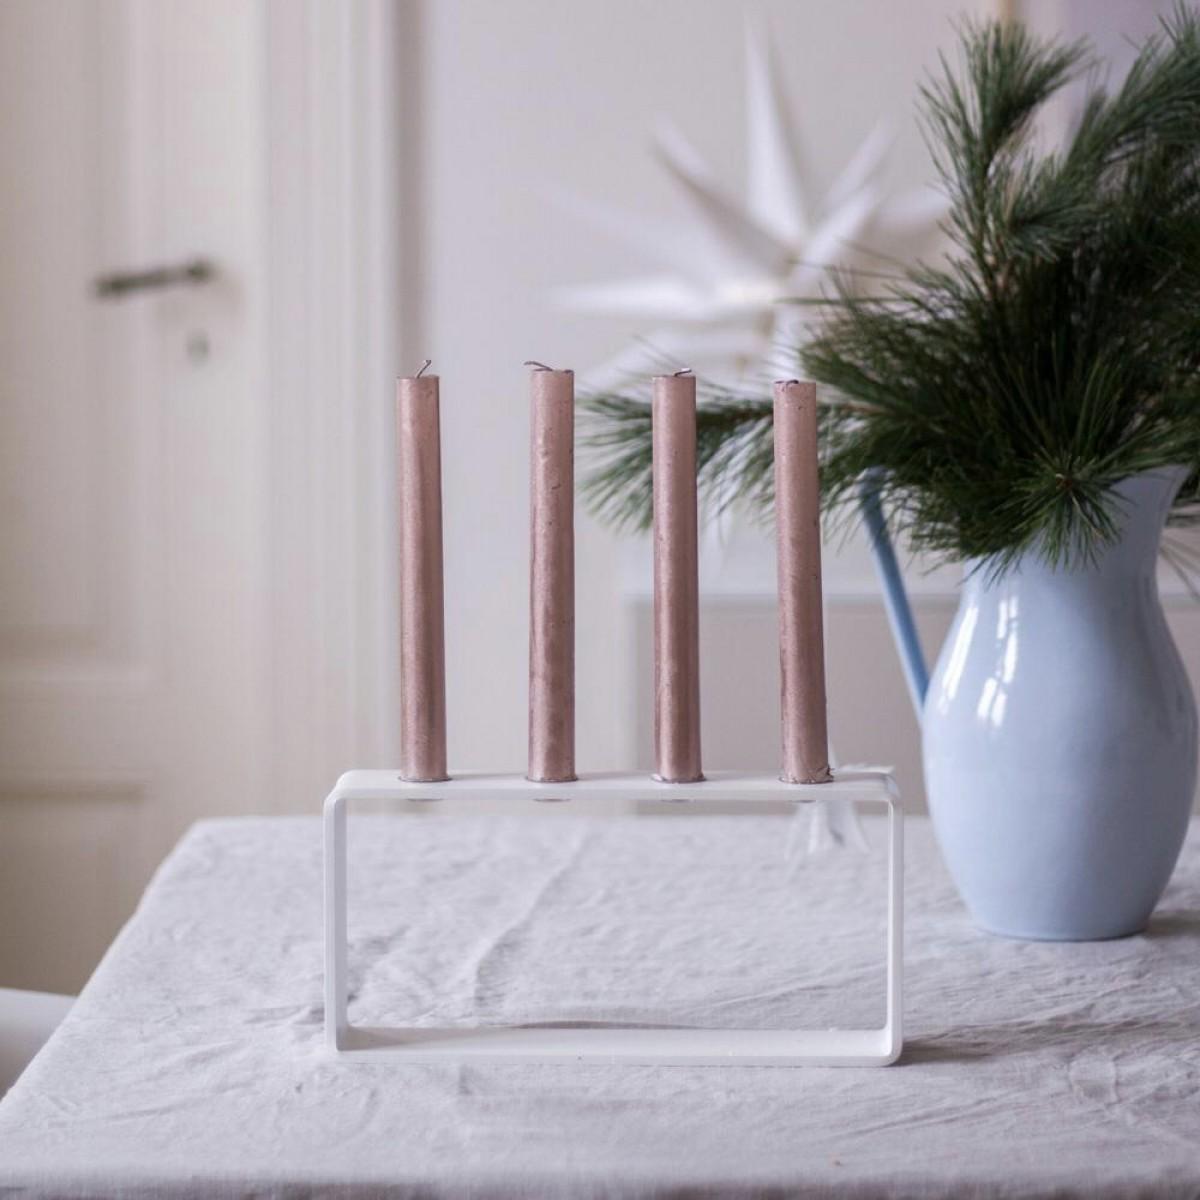 HauszeitDesign 4glow weiß Adventskranz